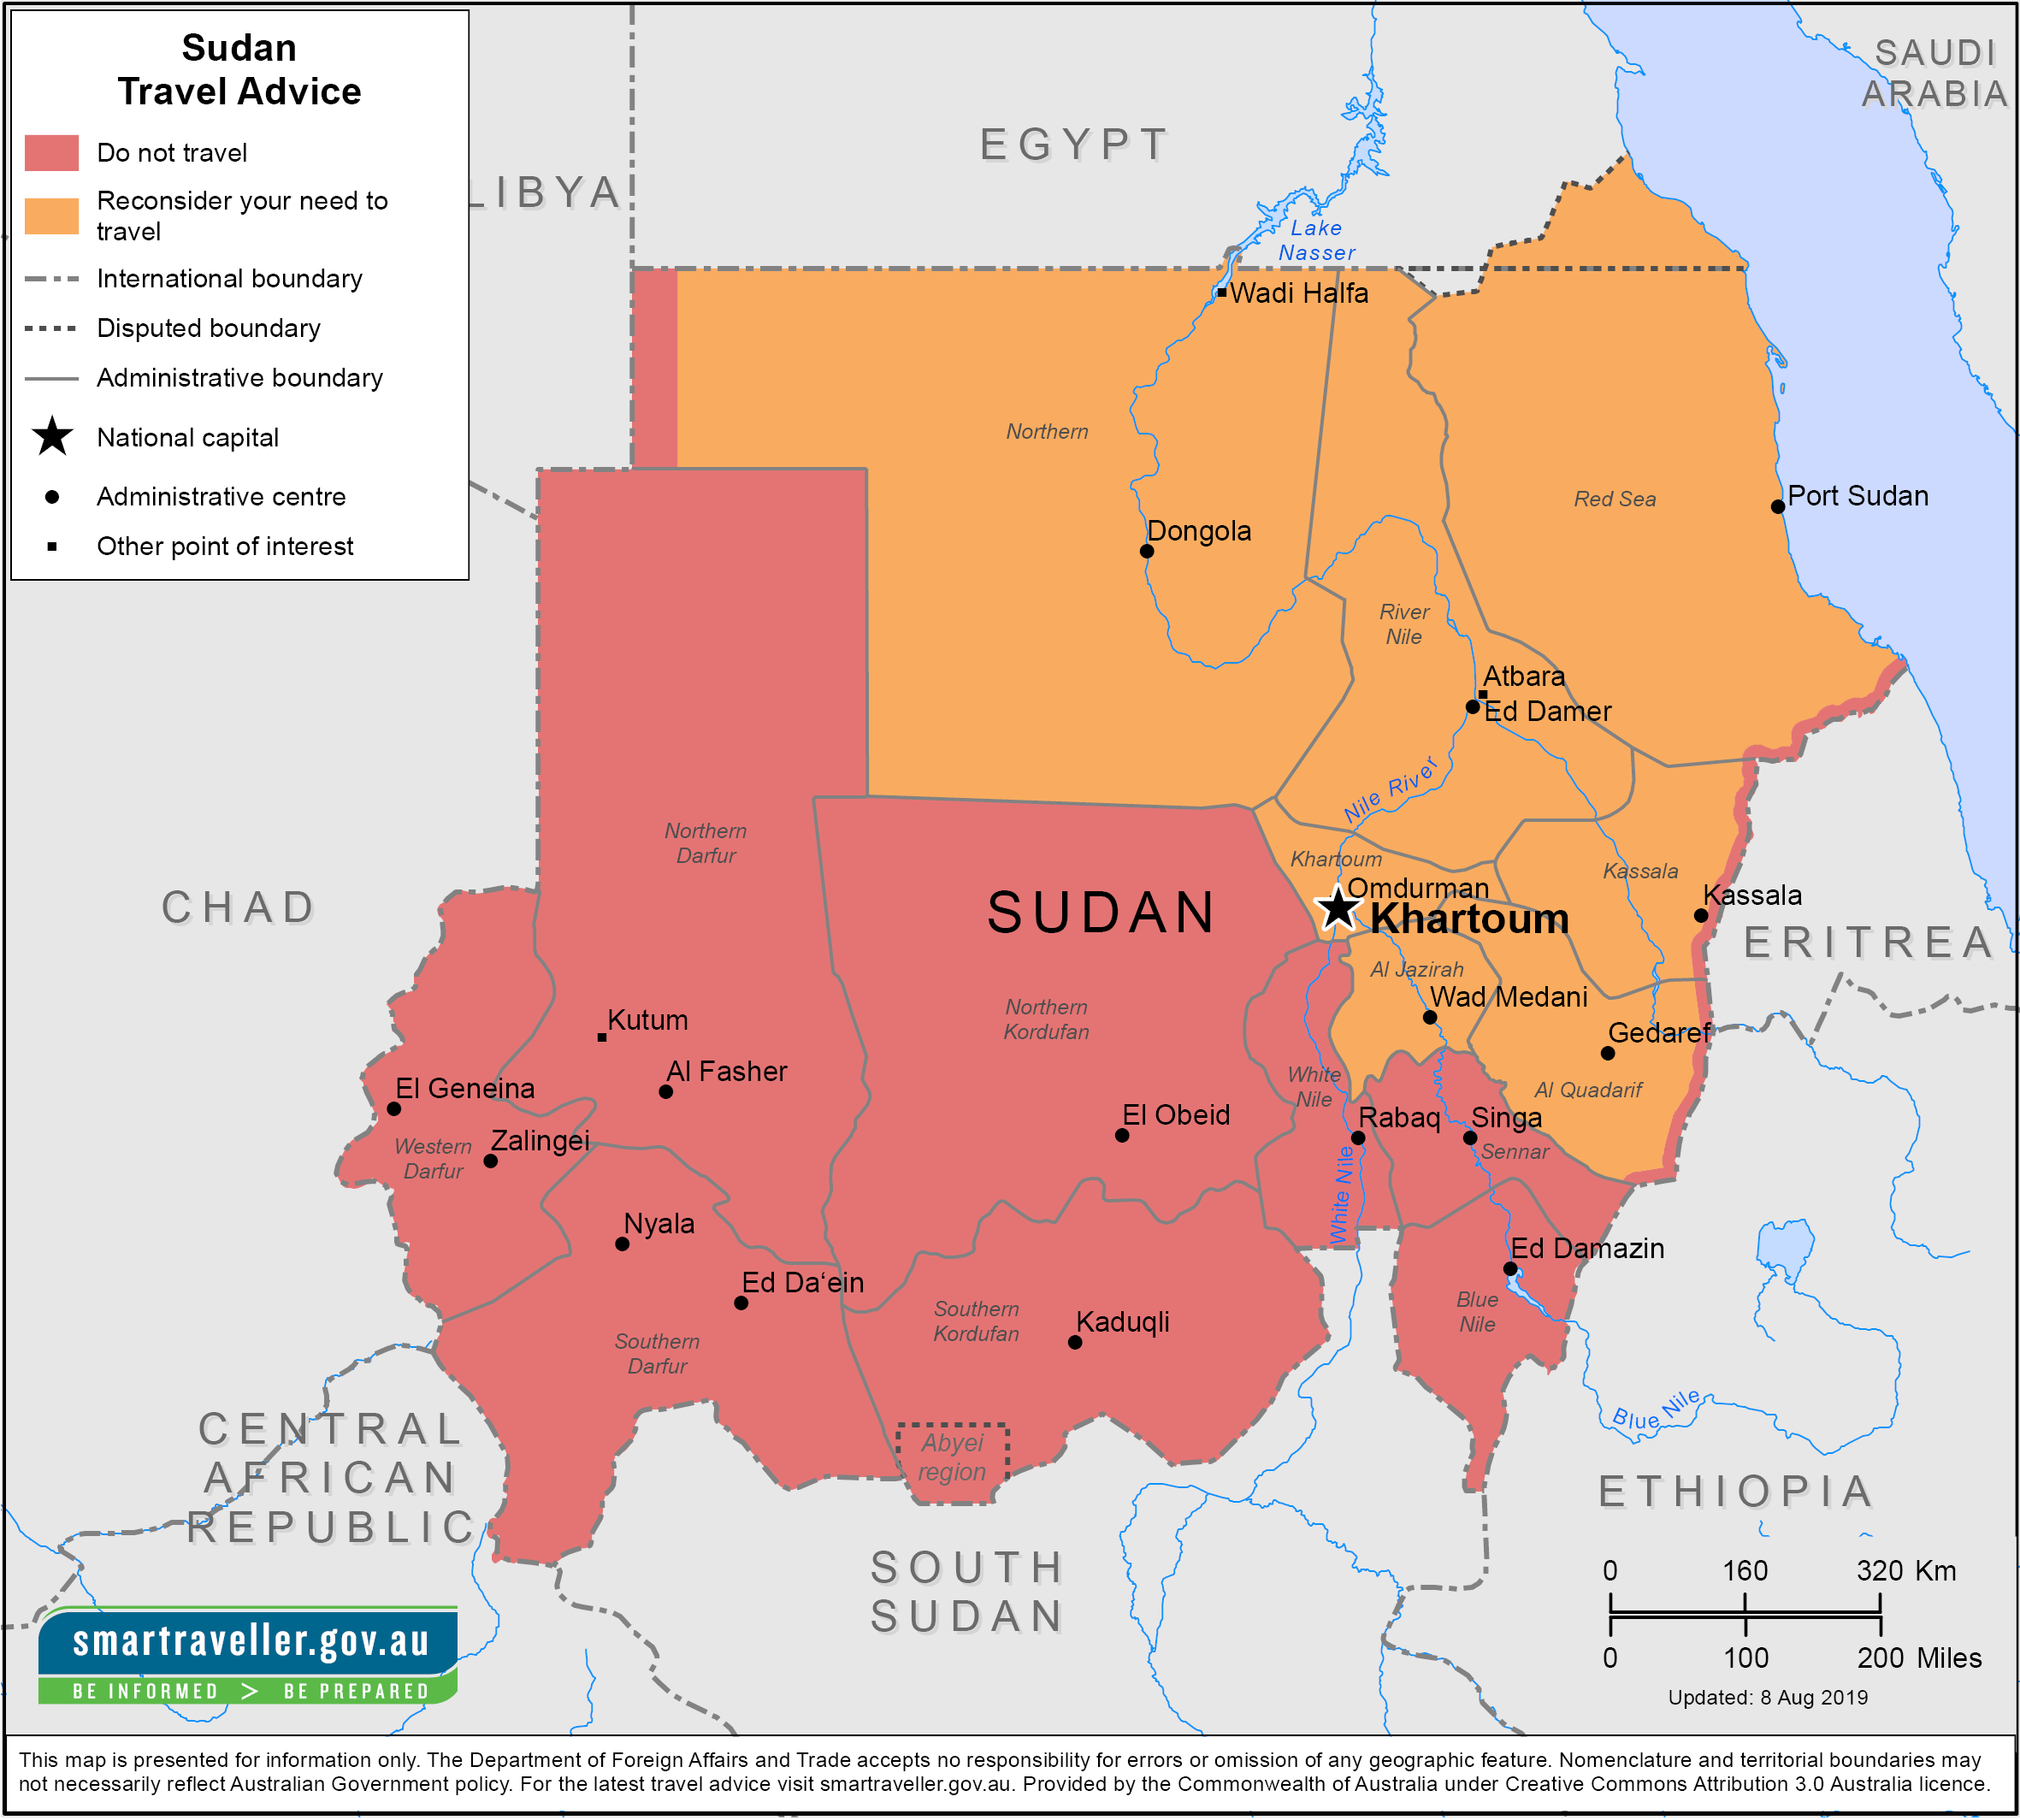 Sudan-Travel-Insurance | AardvarkCompare.com